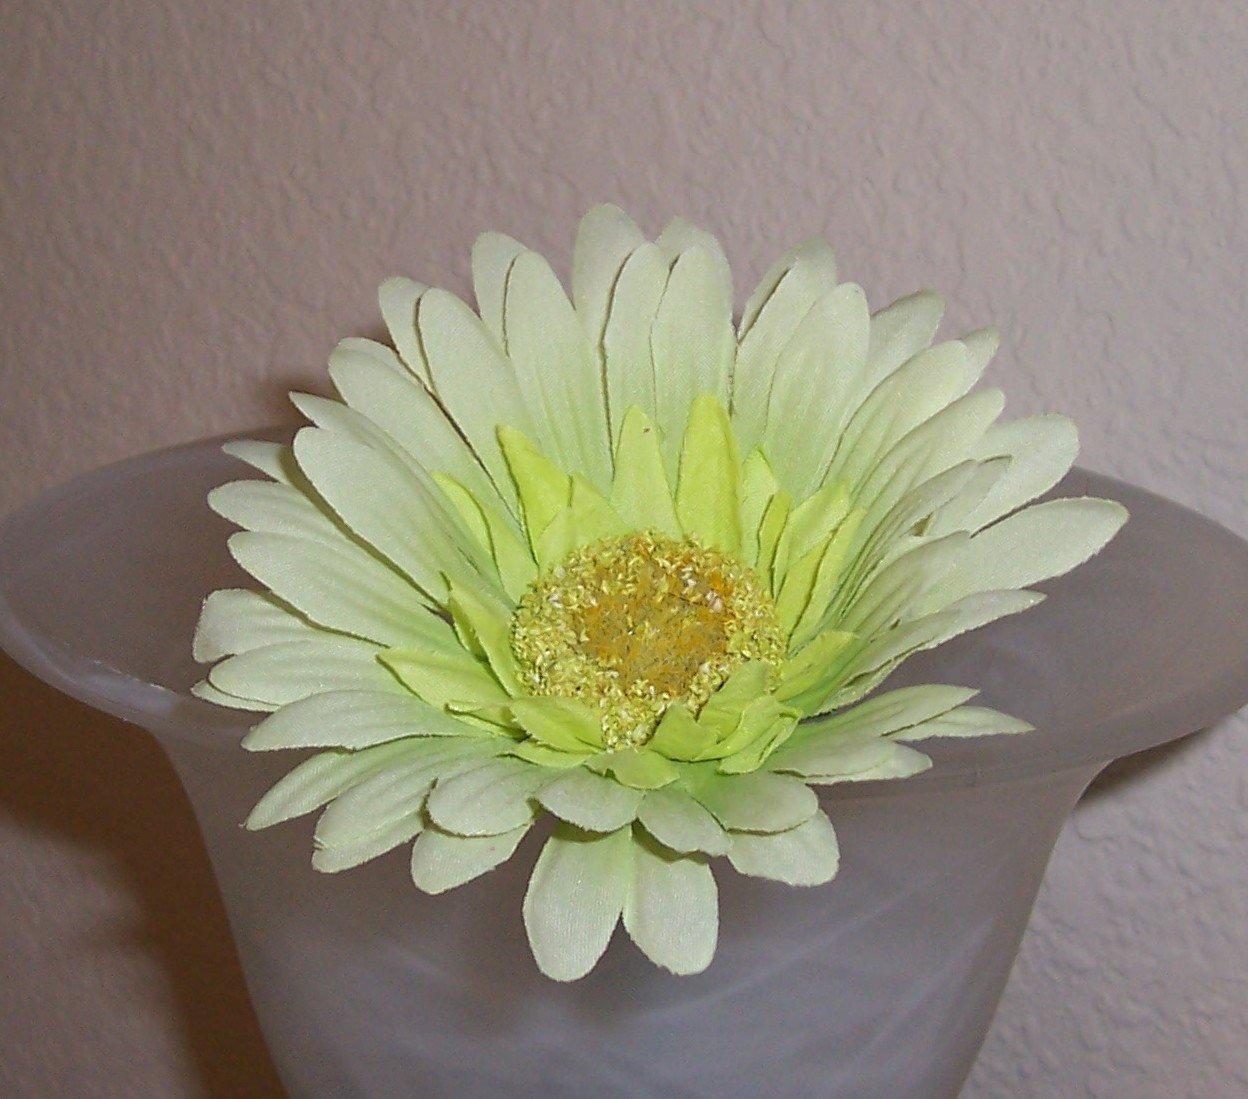 Pale Green Bloomin' Pens - Gerbera Daisy flower pens